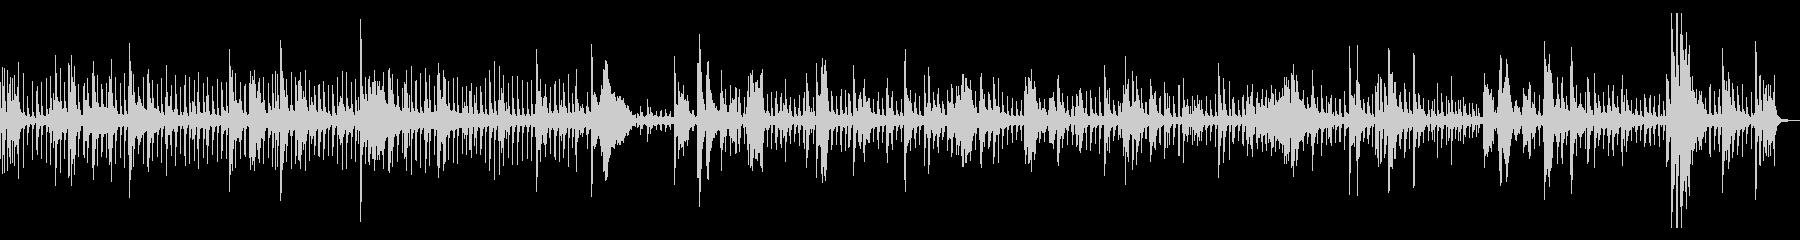 カフカ 海辺 ピアノの未再生の波形